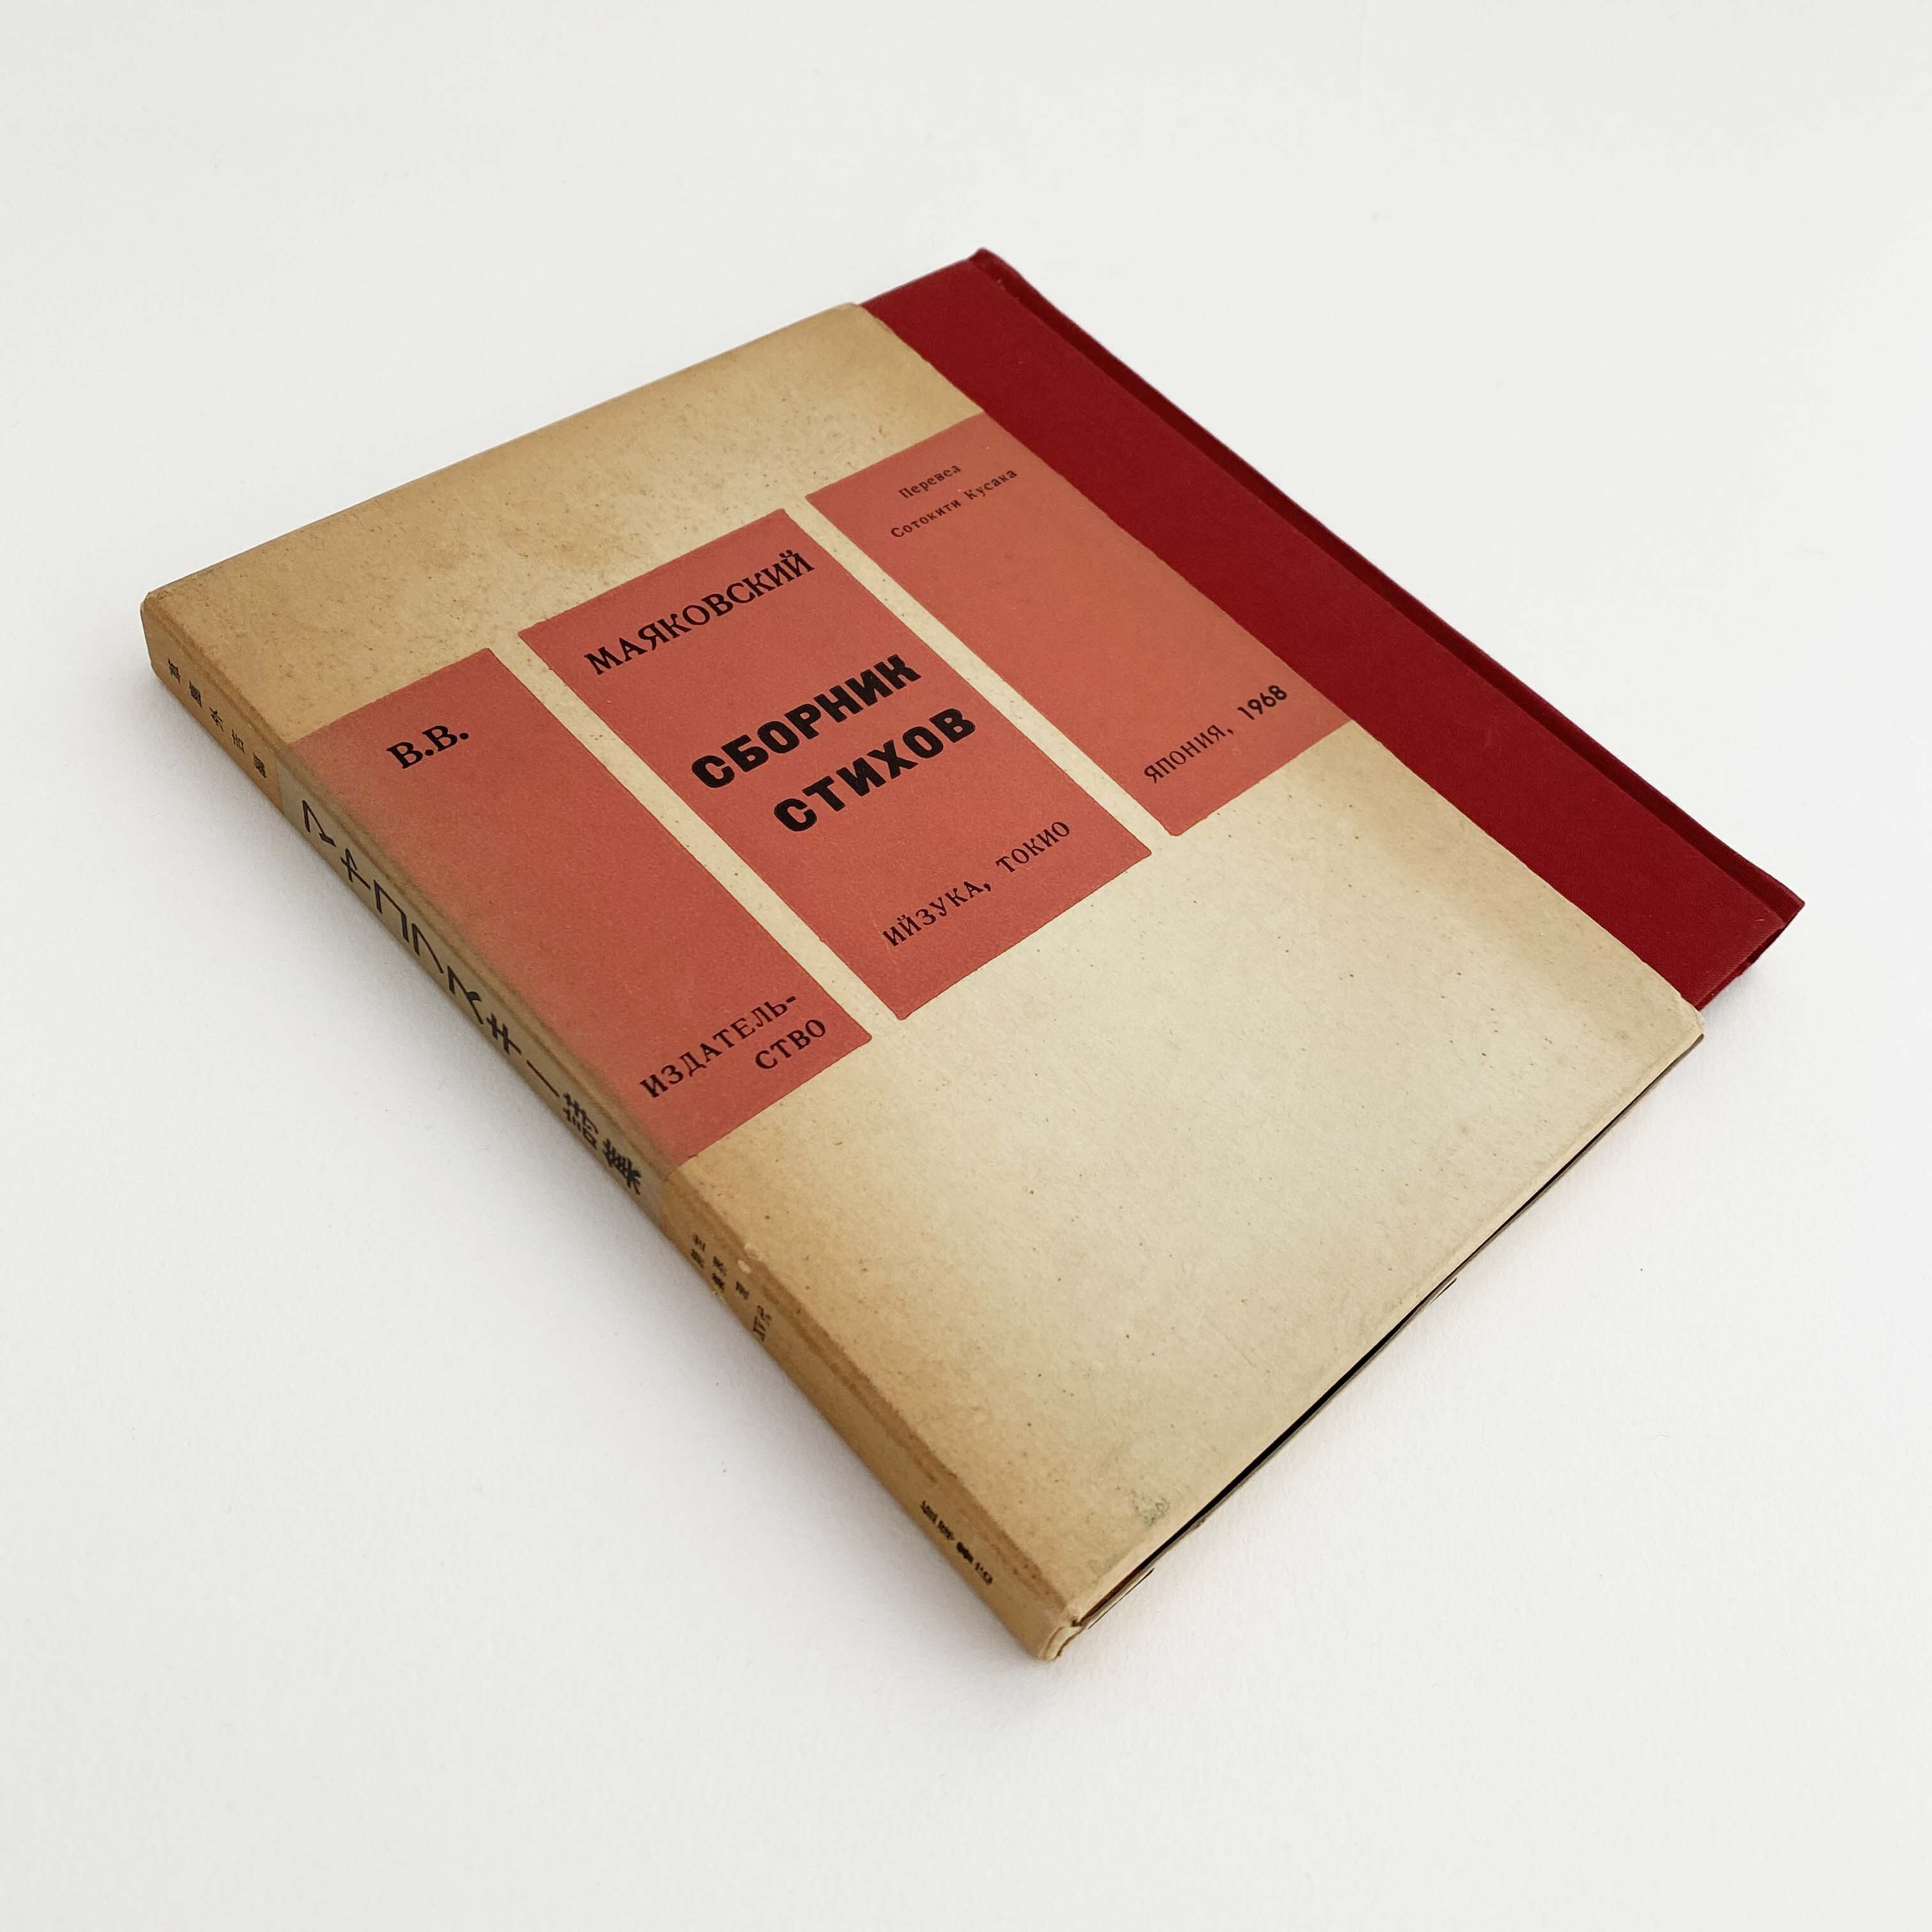 詩の朗読セット(ソ連時代のレコードと書籍)マヤコフスキー&エセーニン